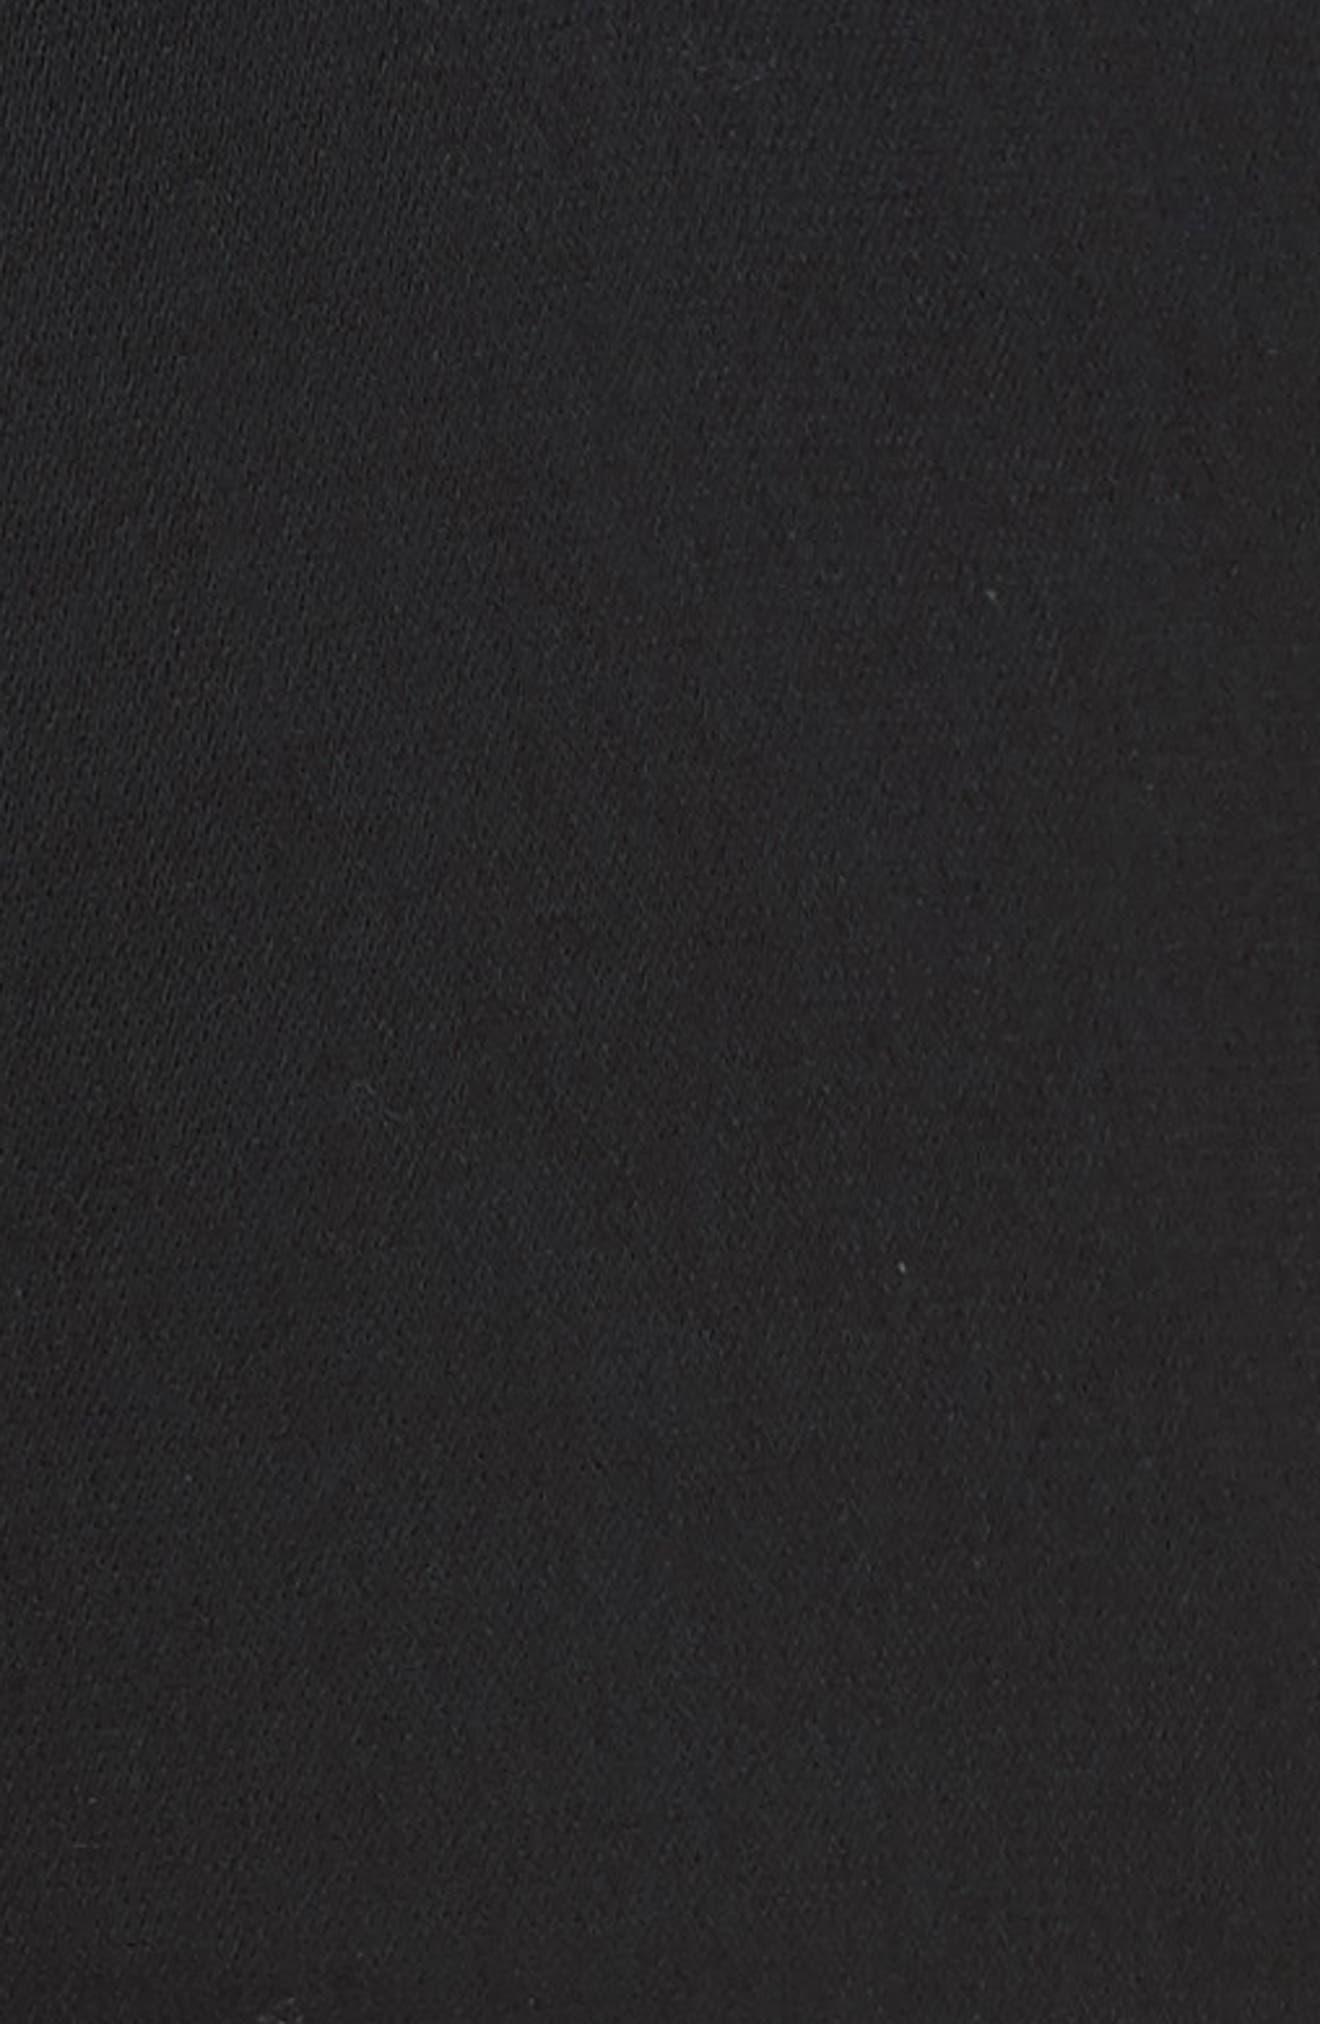 Stitch Front Pants,                             Alternate thumbnail 5, color,                             Black